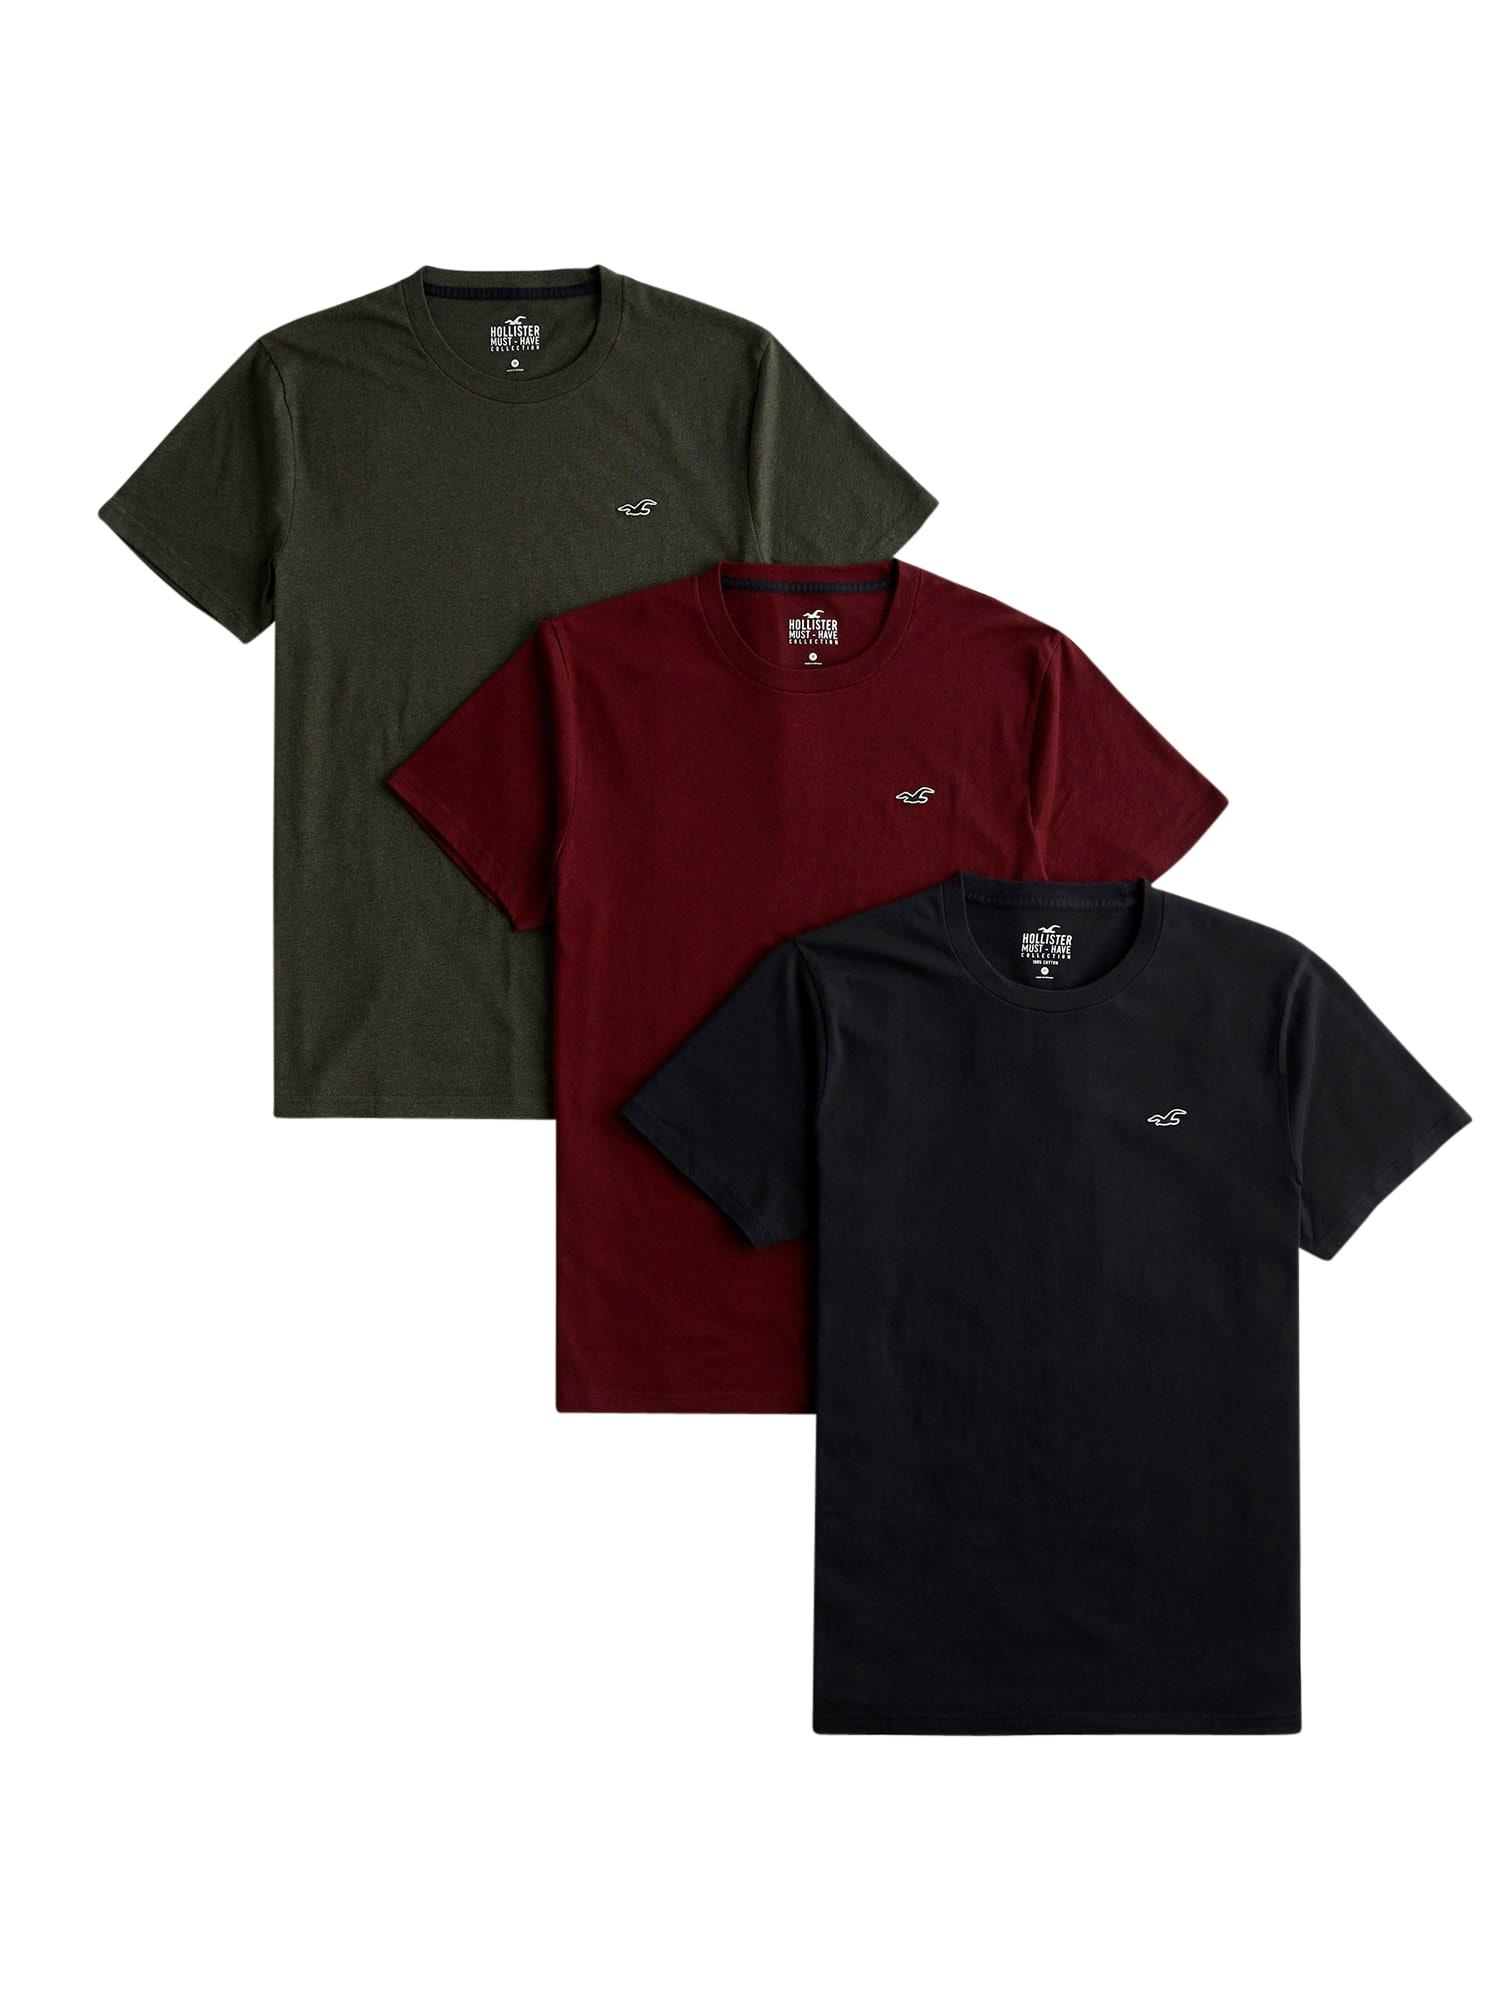 HOLLISTER Tričko  tmavě červená / černá / khaki